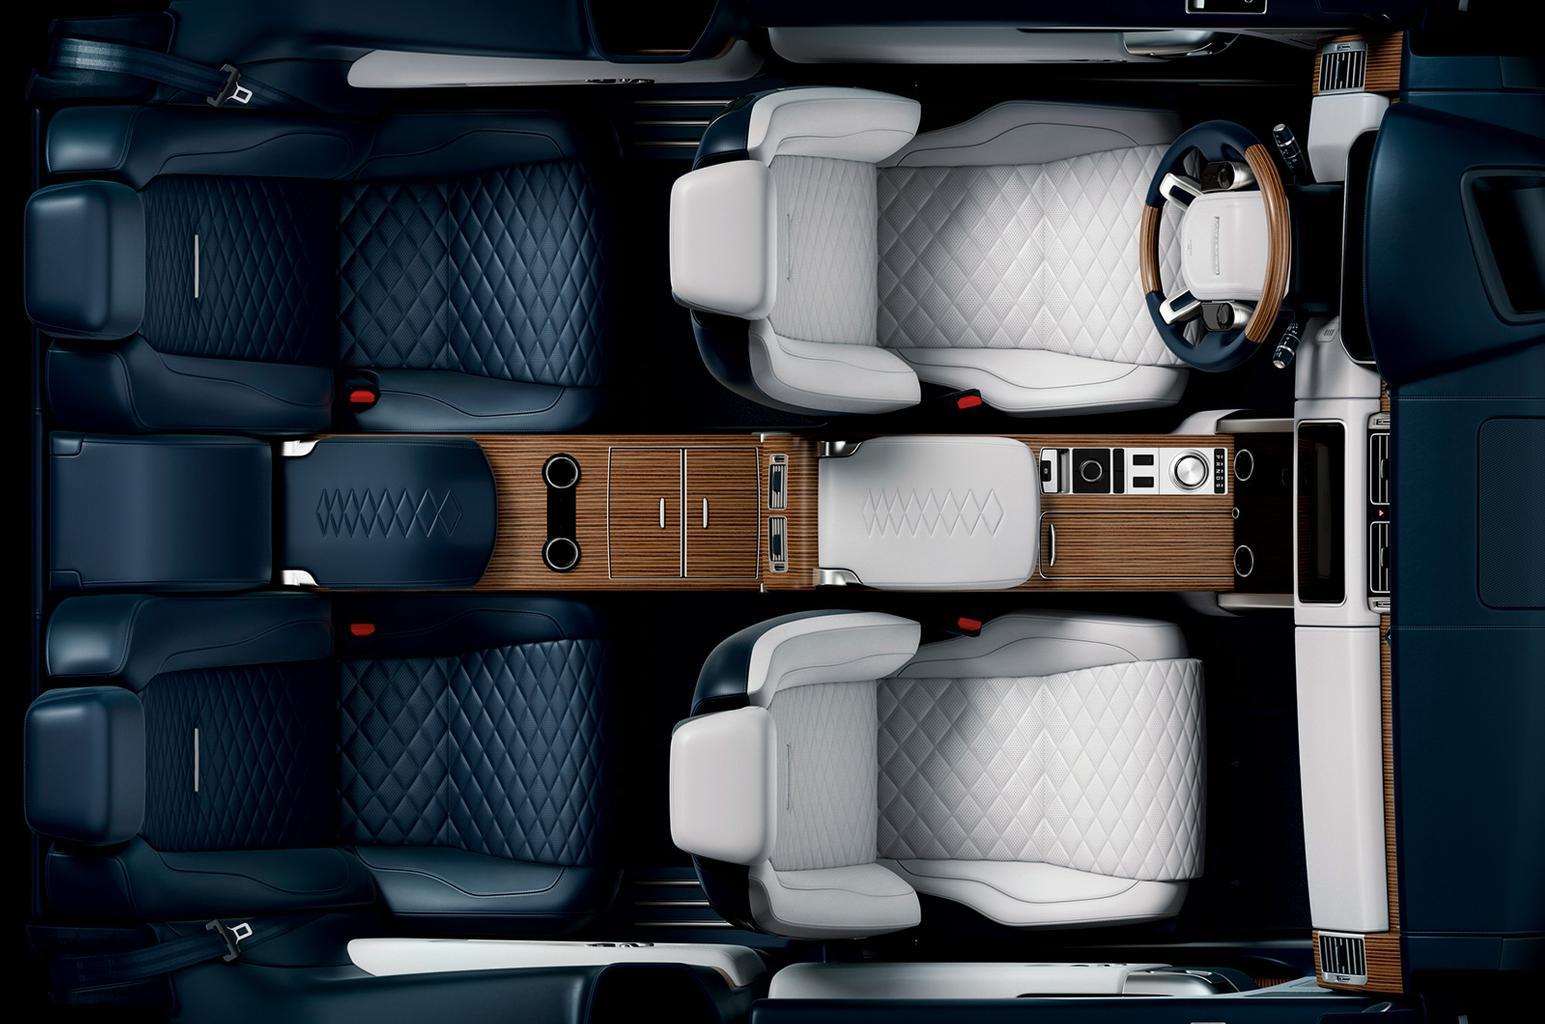 New two-door Range Rover Coupé previewed